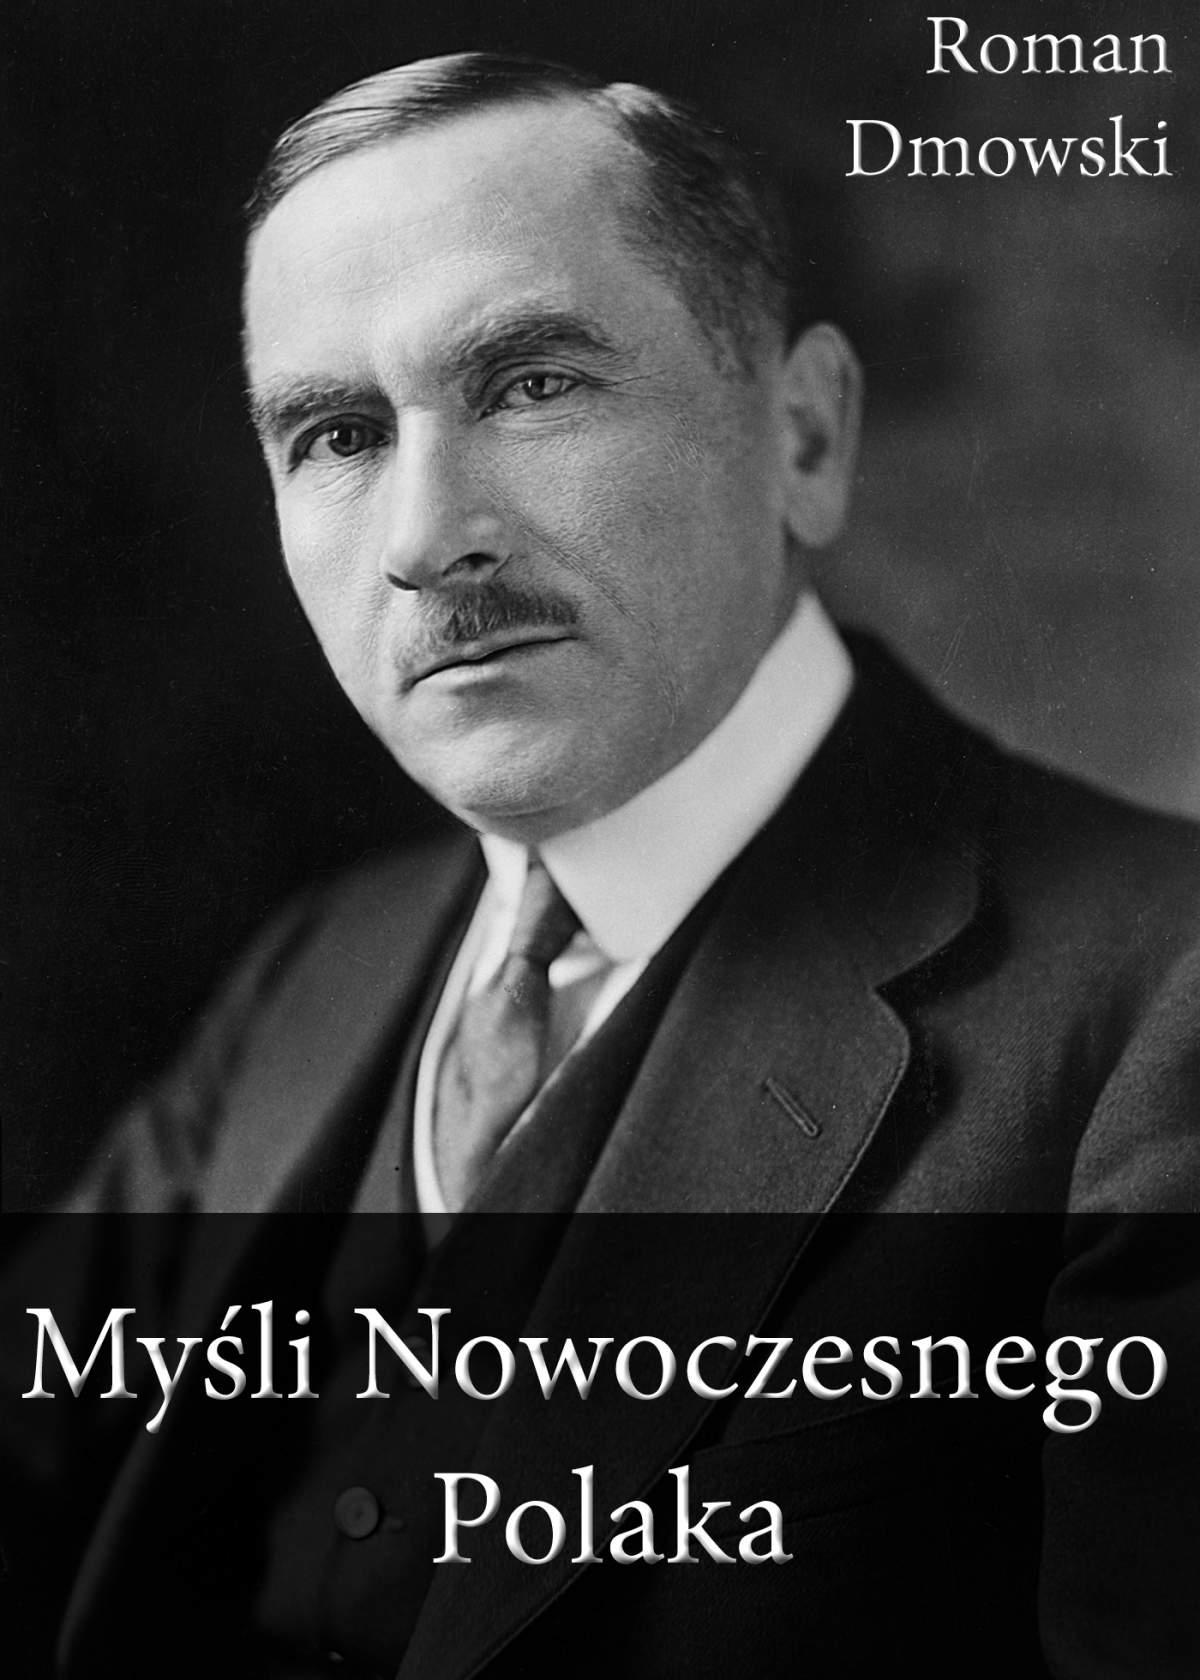 Myśli Nowoczesnego Polaka - Ebook (Książka na Kindle) do pobrania w formacie MOBI